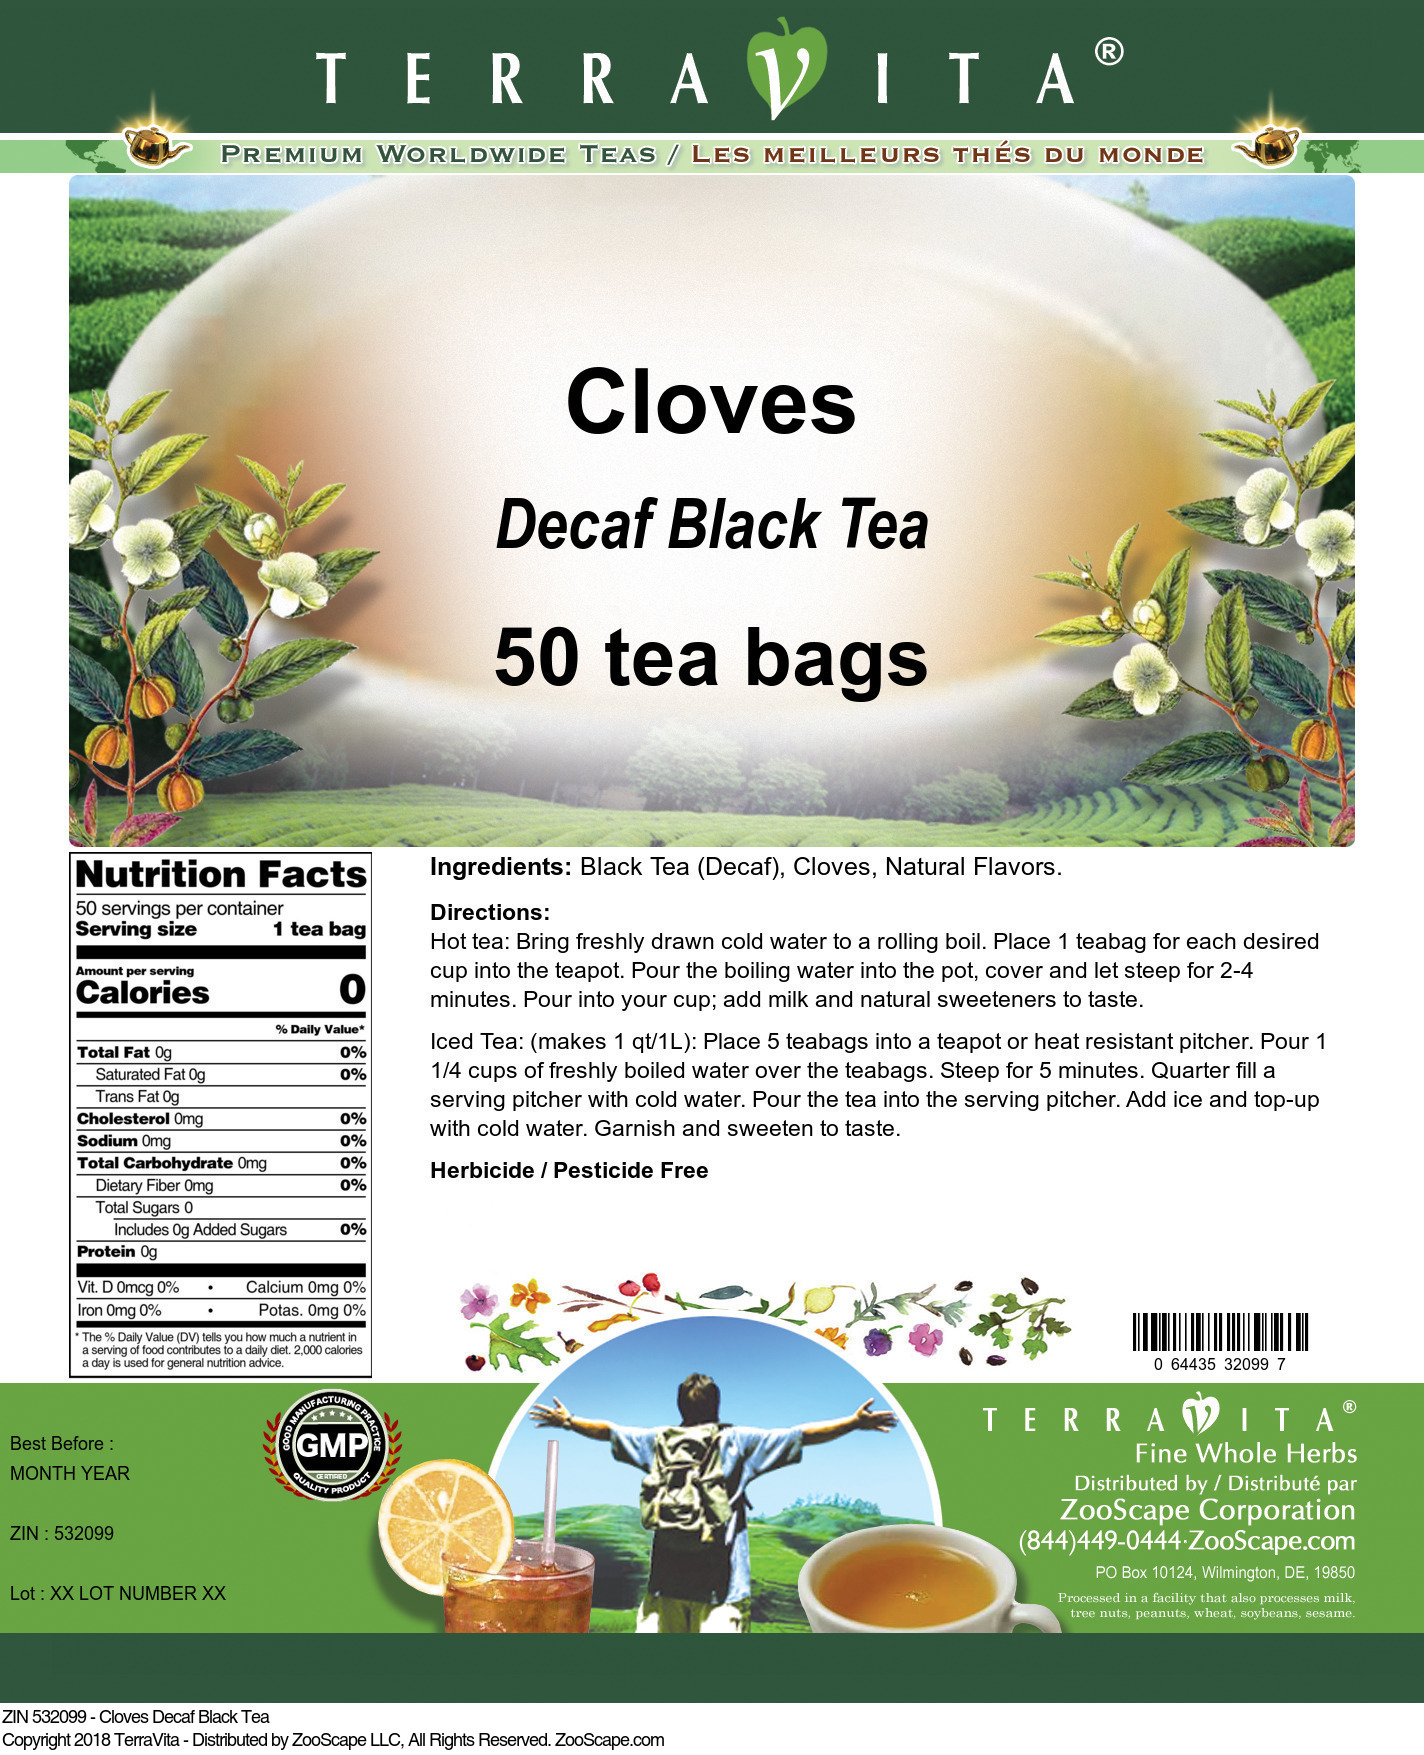 Cloves Decaf Black Tea